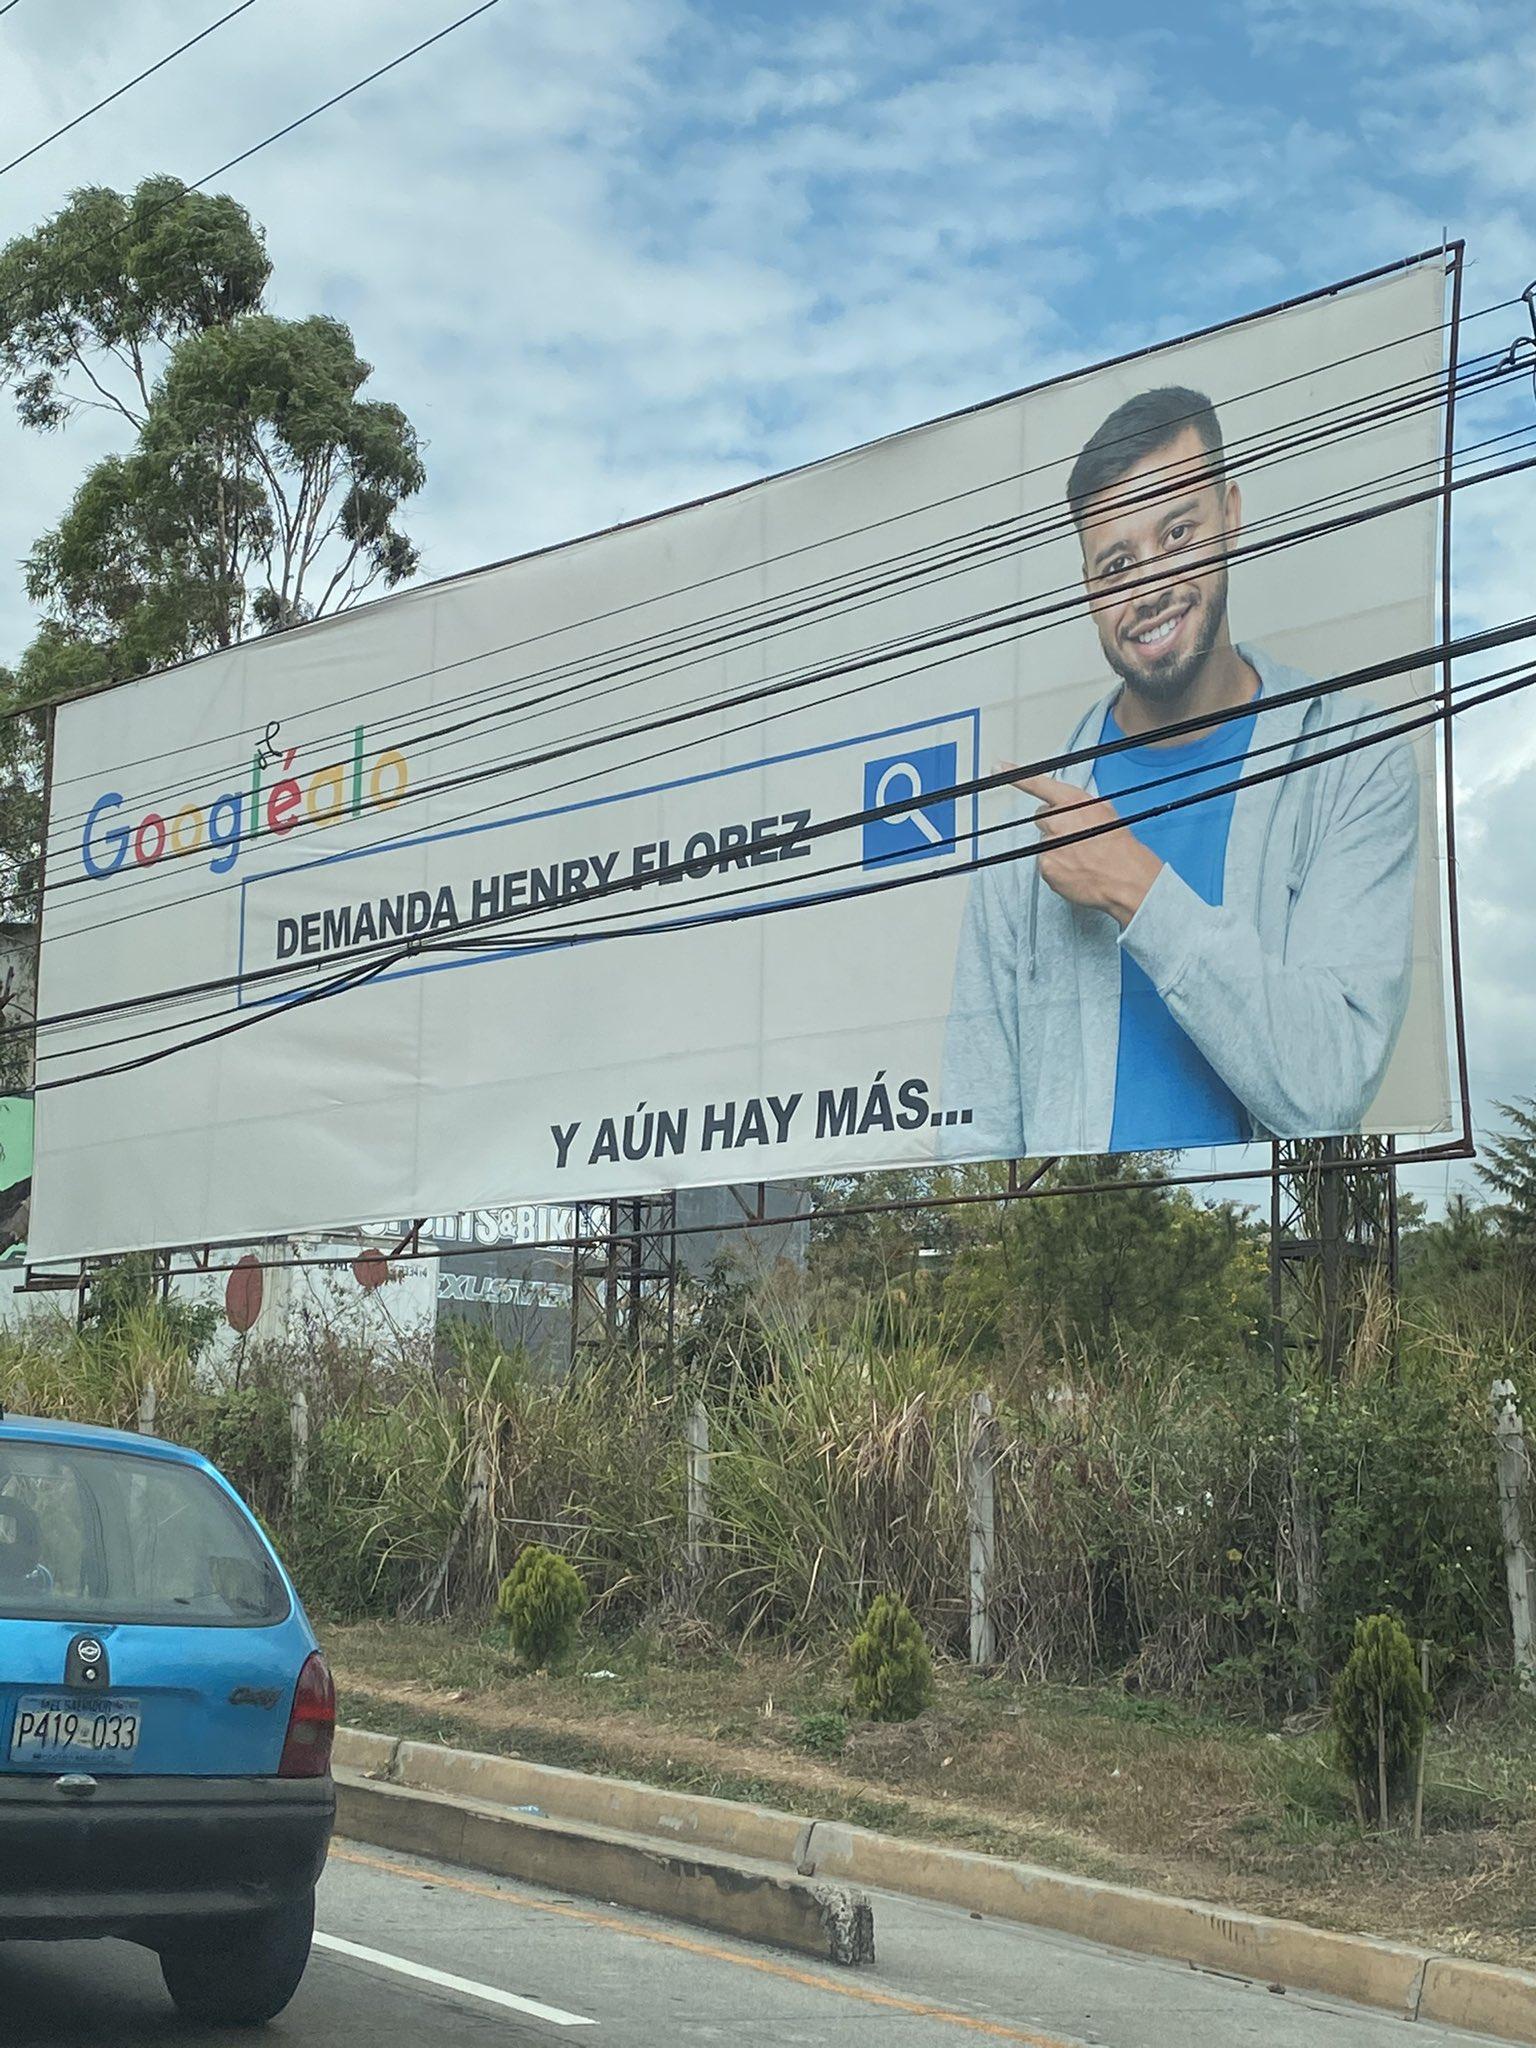 Valla publicitaria en la que se insta a buscar información sobre Henry Flores, candidato a alcalde de Santa Tecla por Nuevas Ideas.